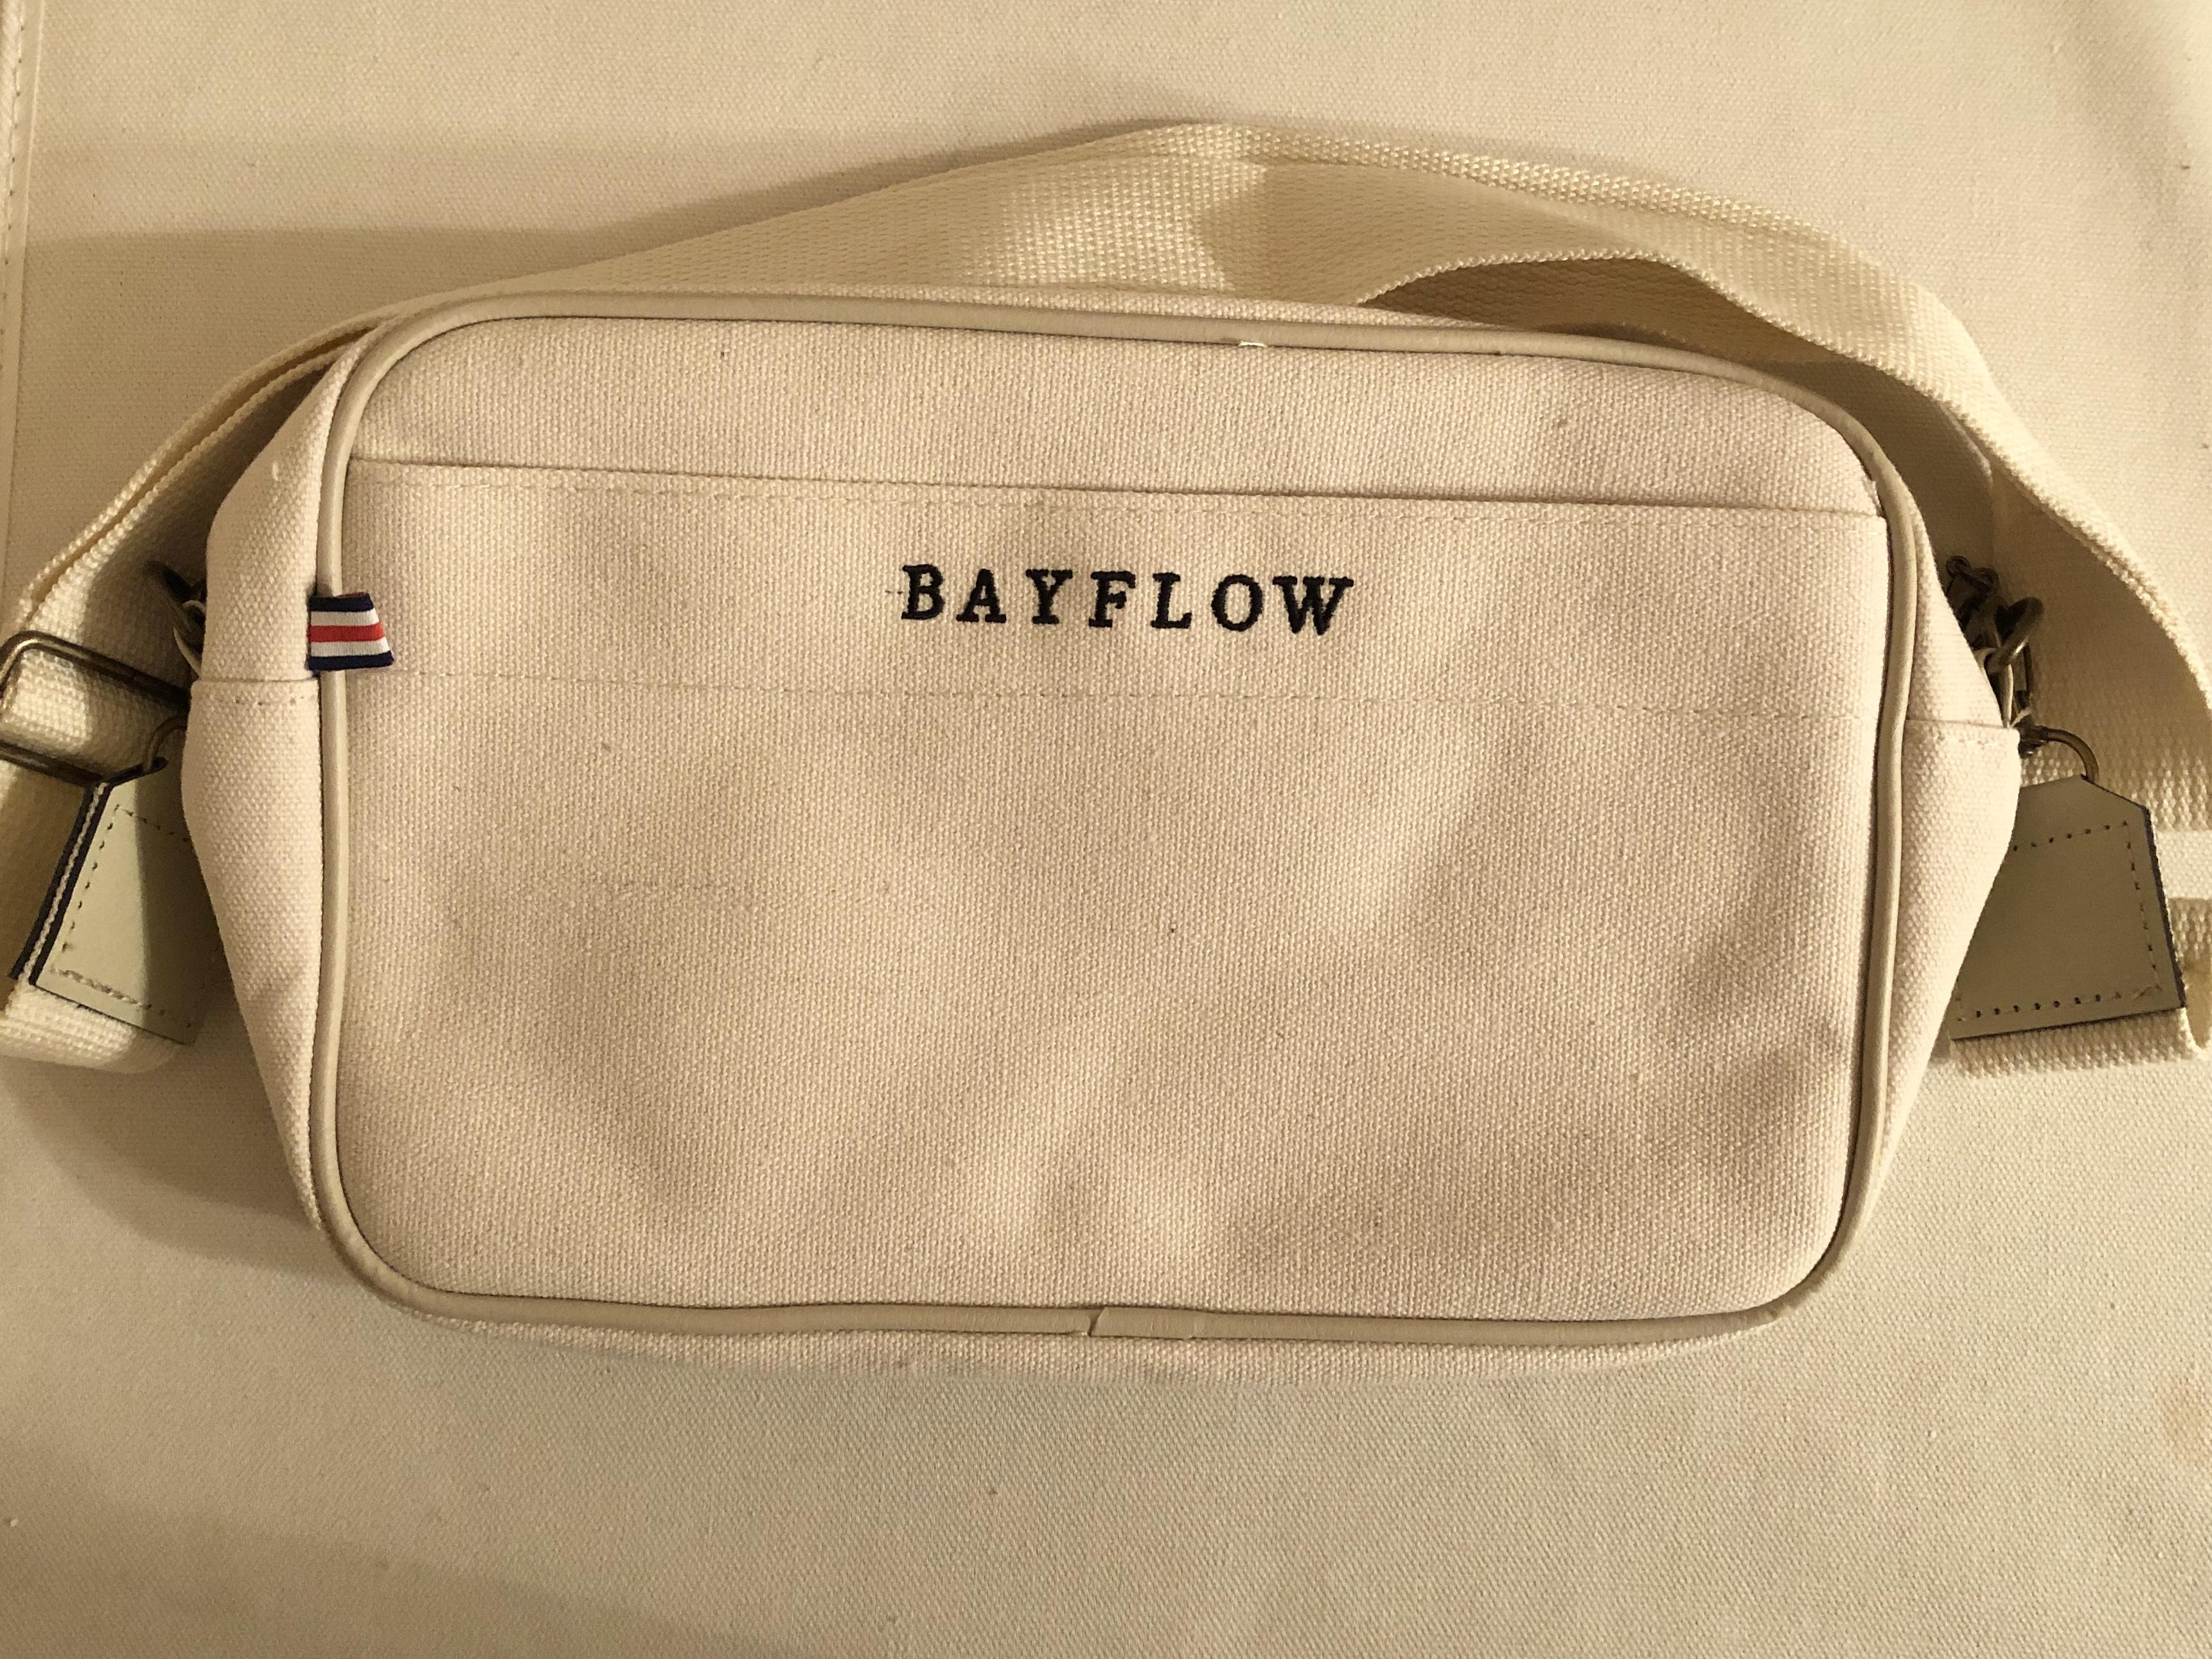 BAYFLOW ローソン HMV限定バックが最高に使える!!